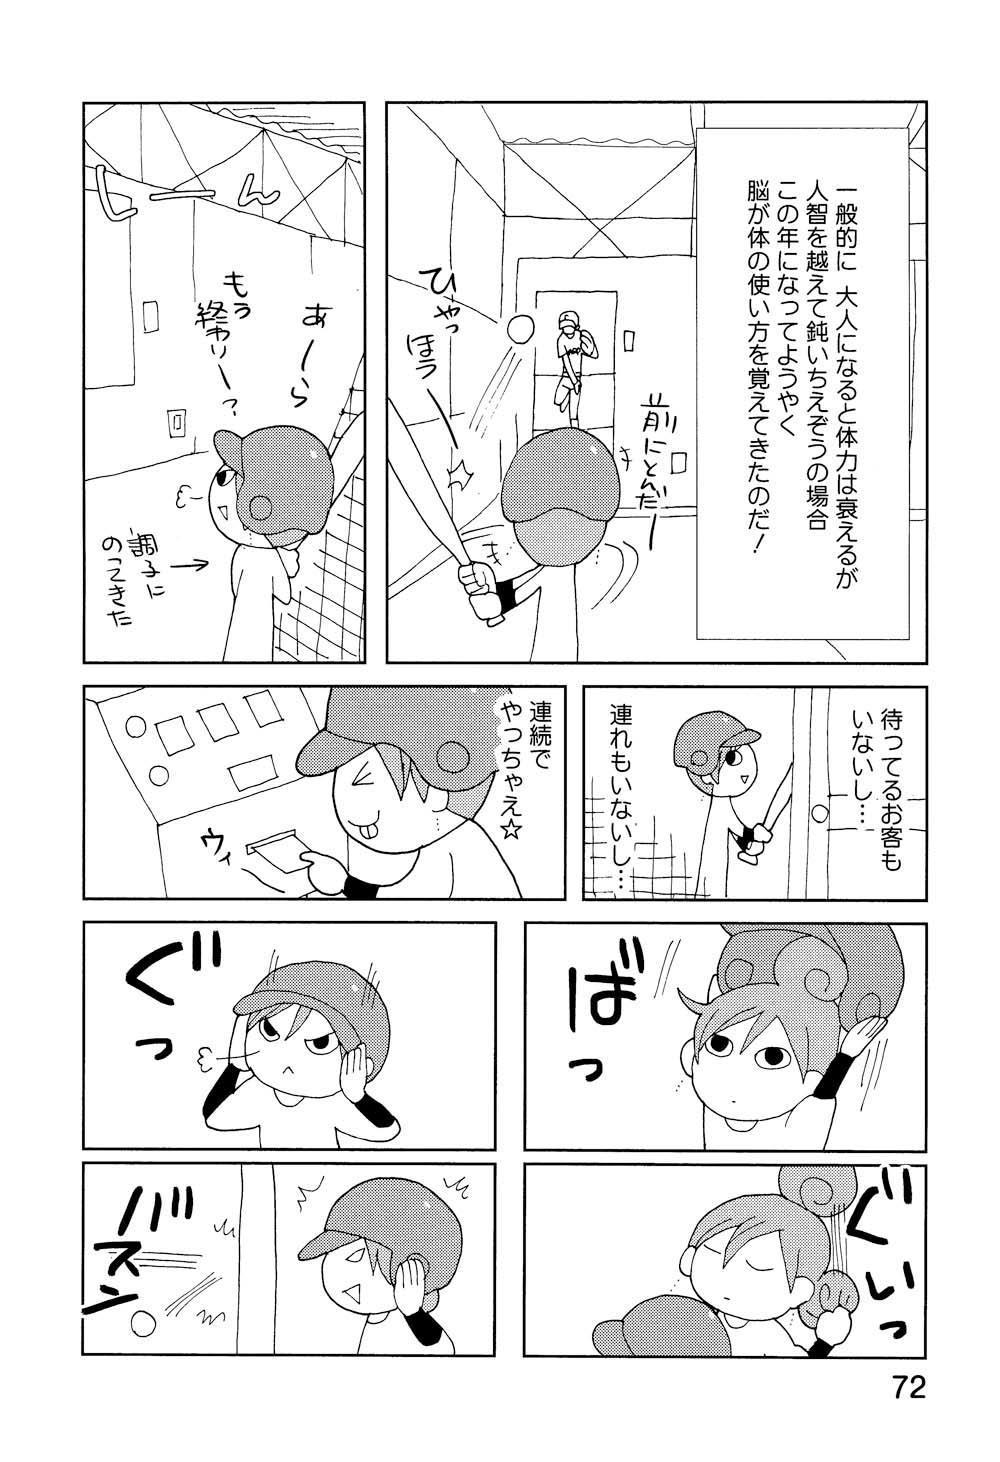 おひとりさま_073.jpg